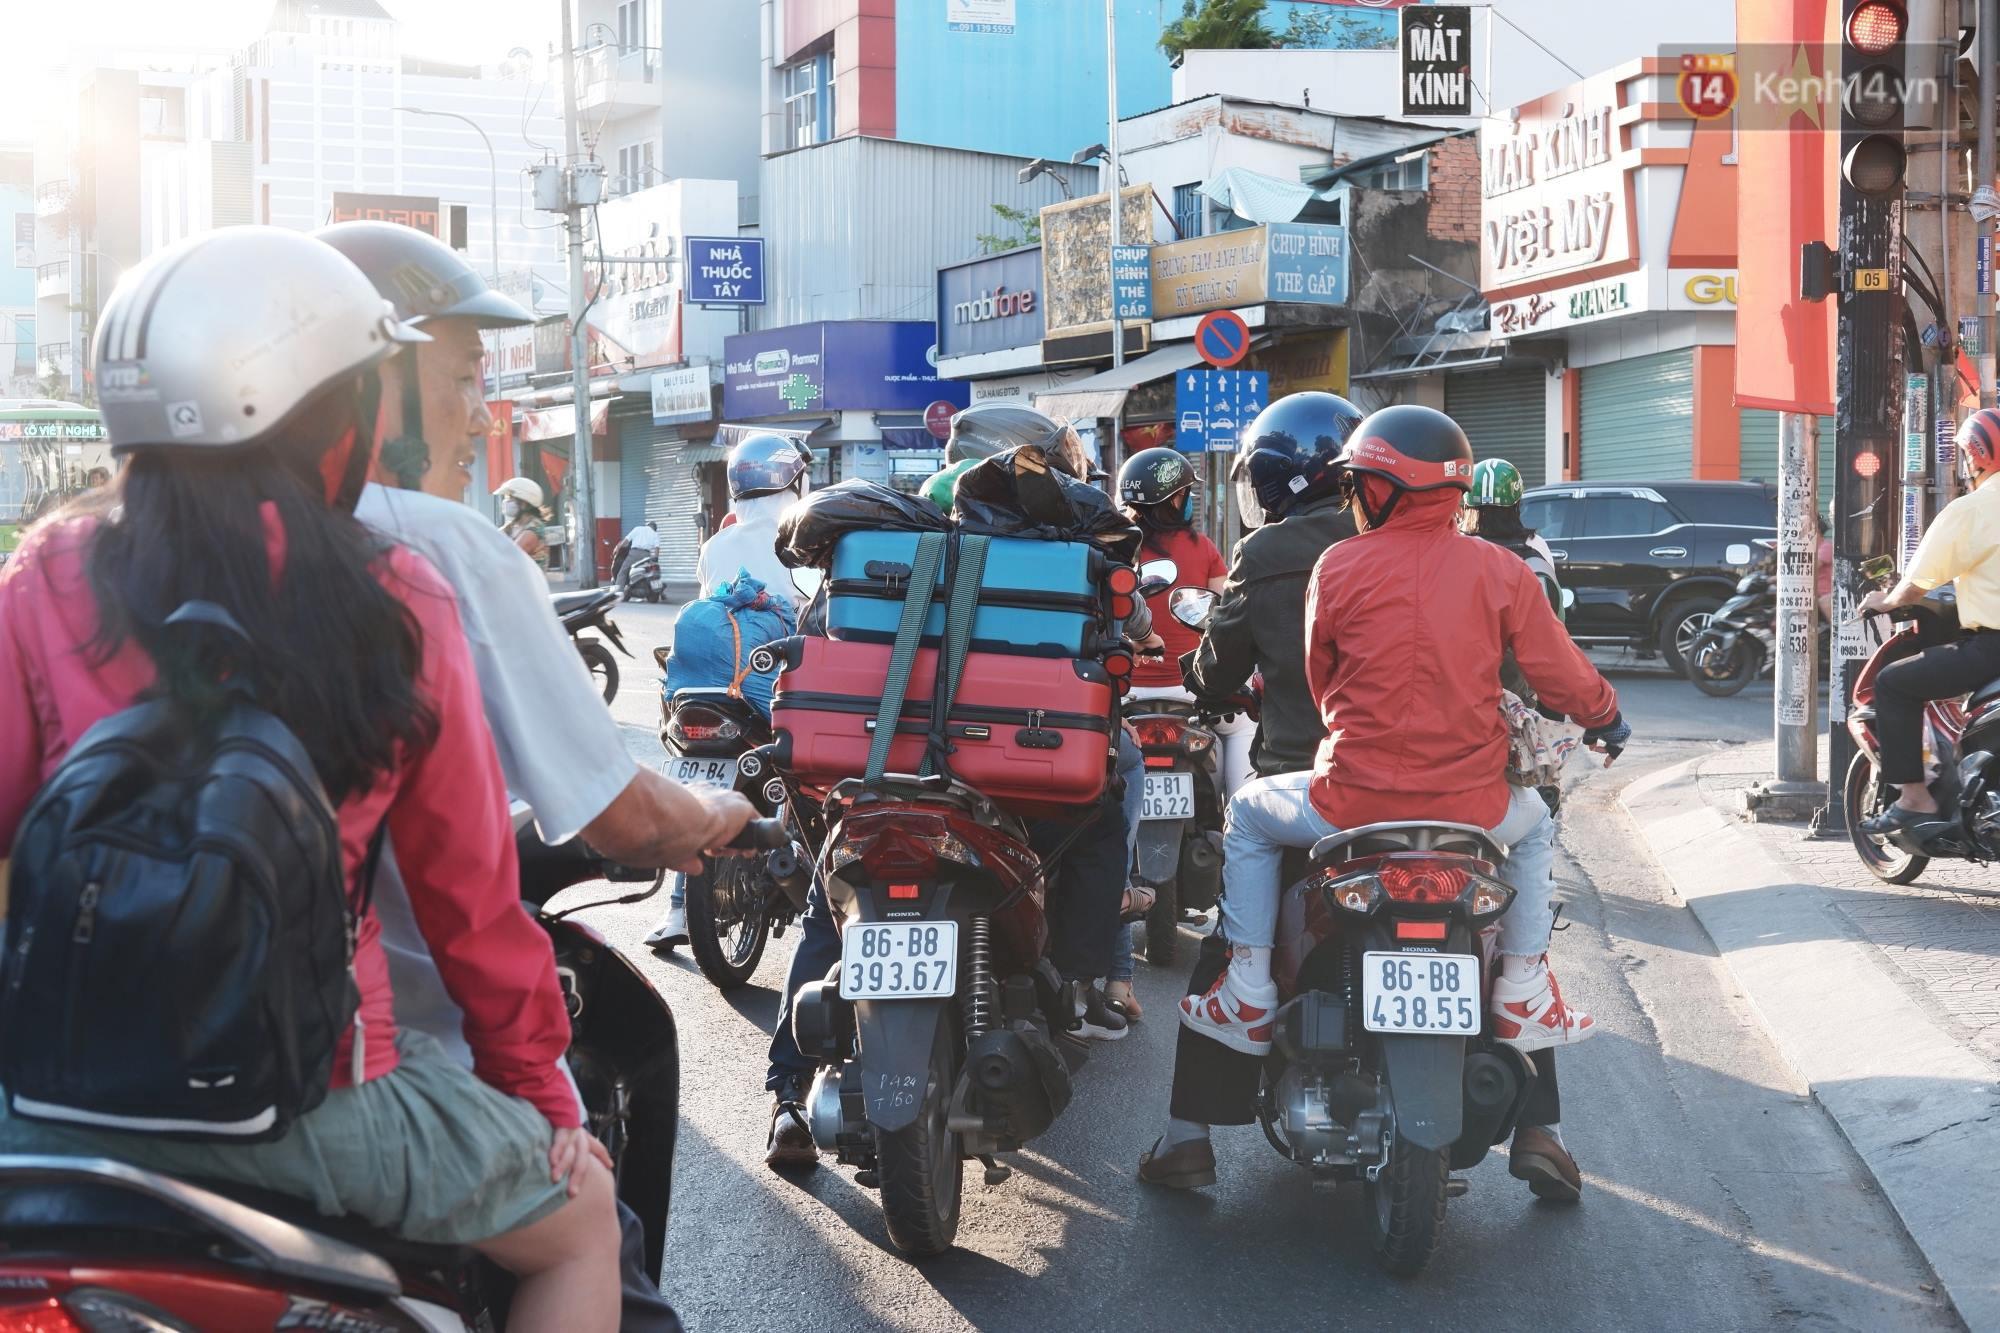 """""""Biển"""" người hối hả quay lại thành phố sau Tết gây ùn tắc nghiêm trọng khu vực cửa ngõ Sài Gòn - Ảnh 6."""